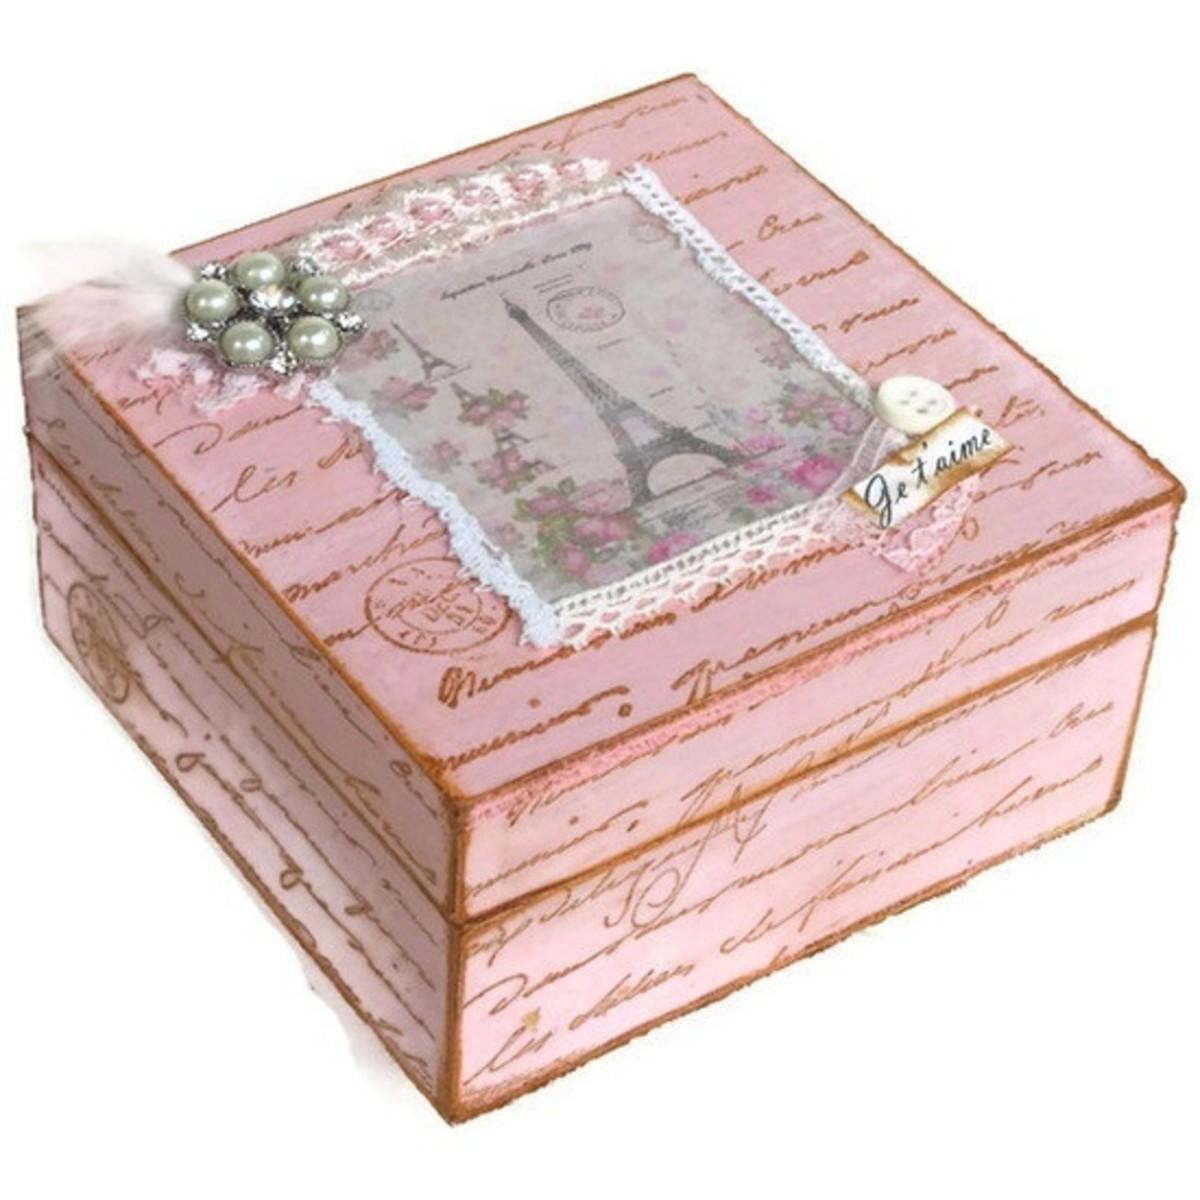 Parisian box, shabby chic style